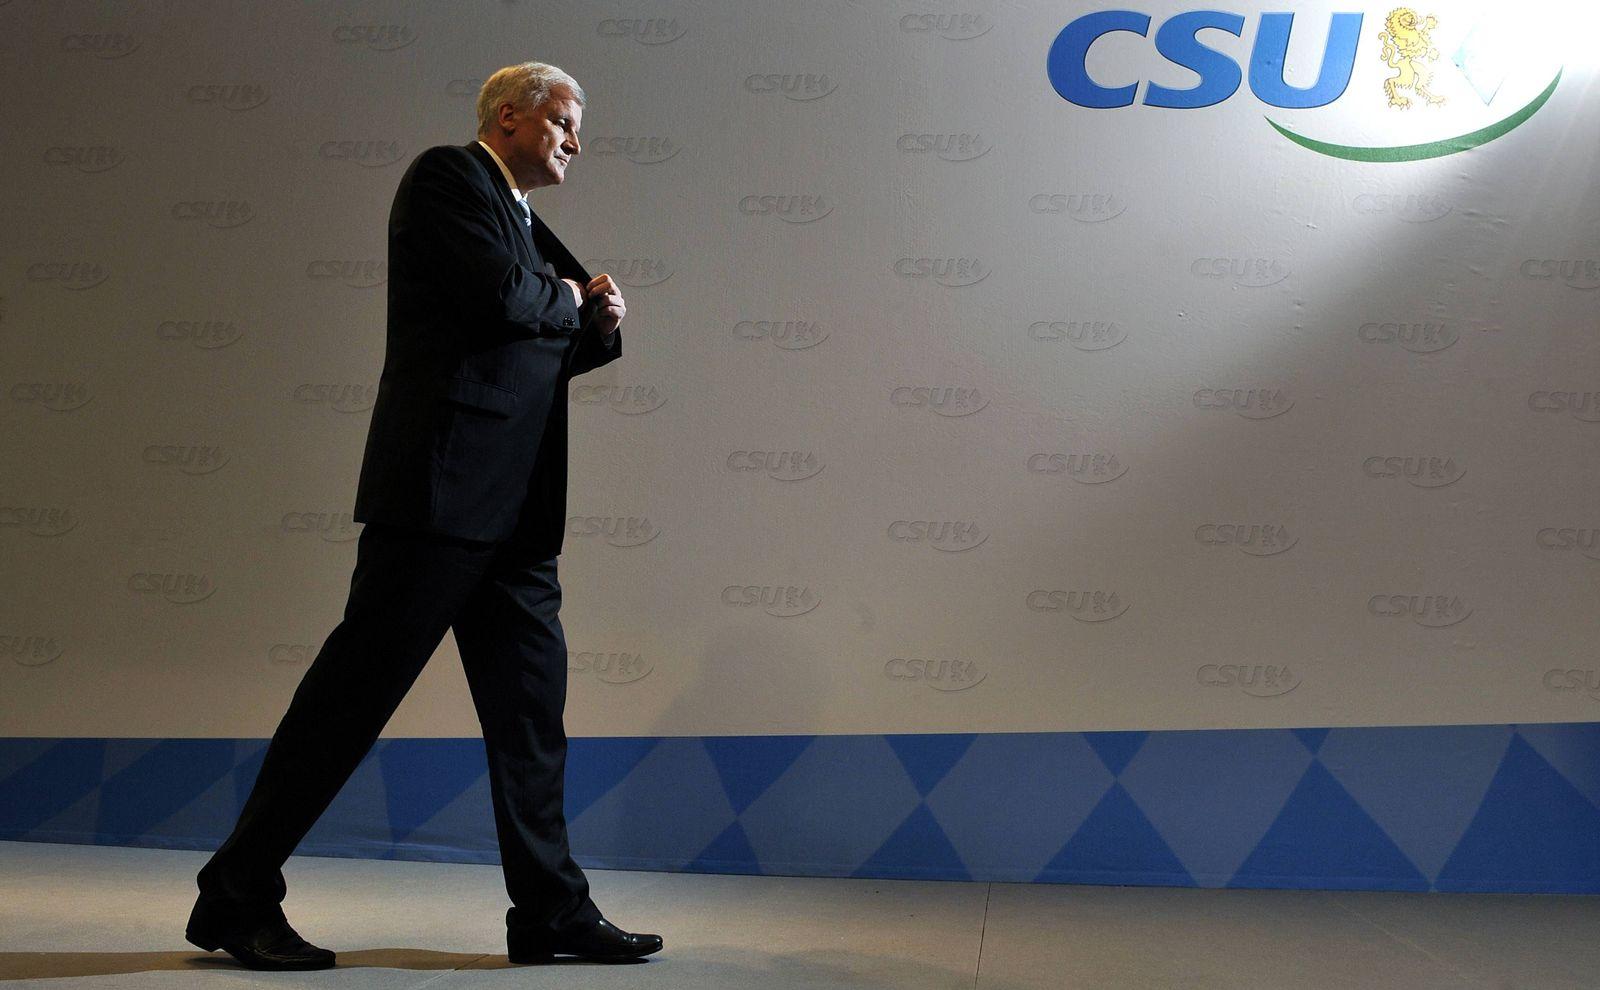 NICHT VERWENDEN Pressekonferenz zur CSU-Vorstandssitzung